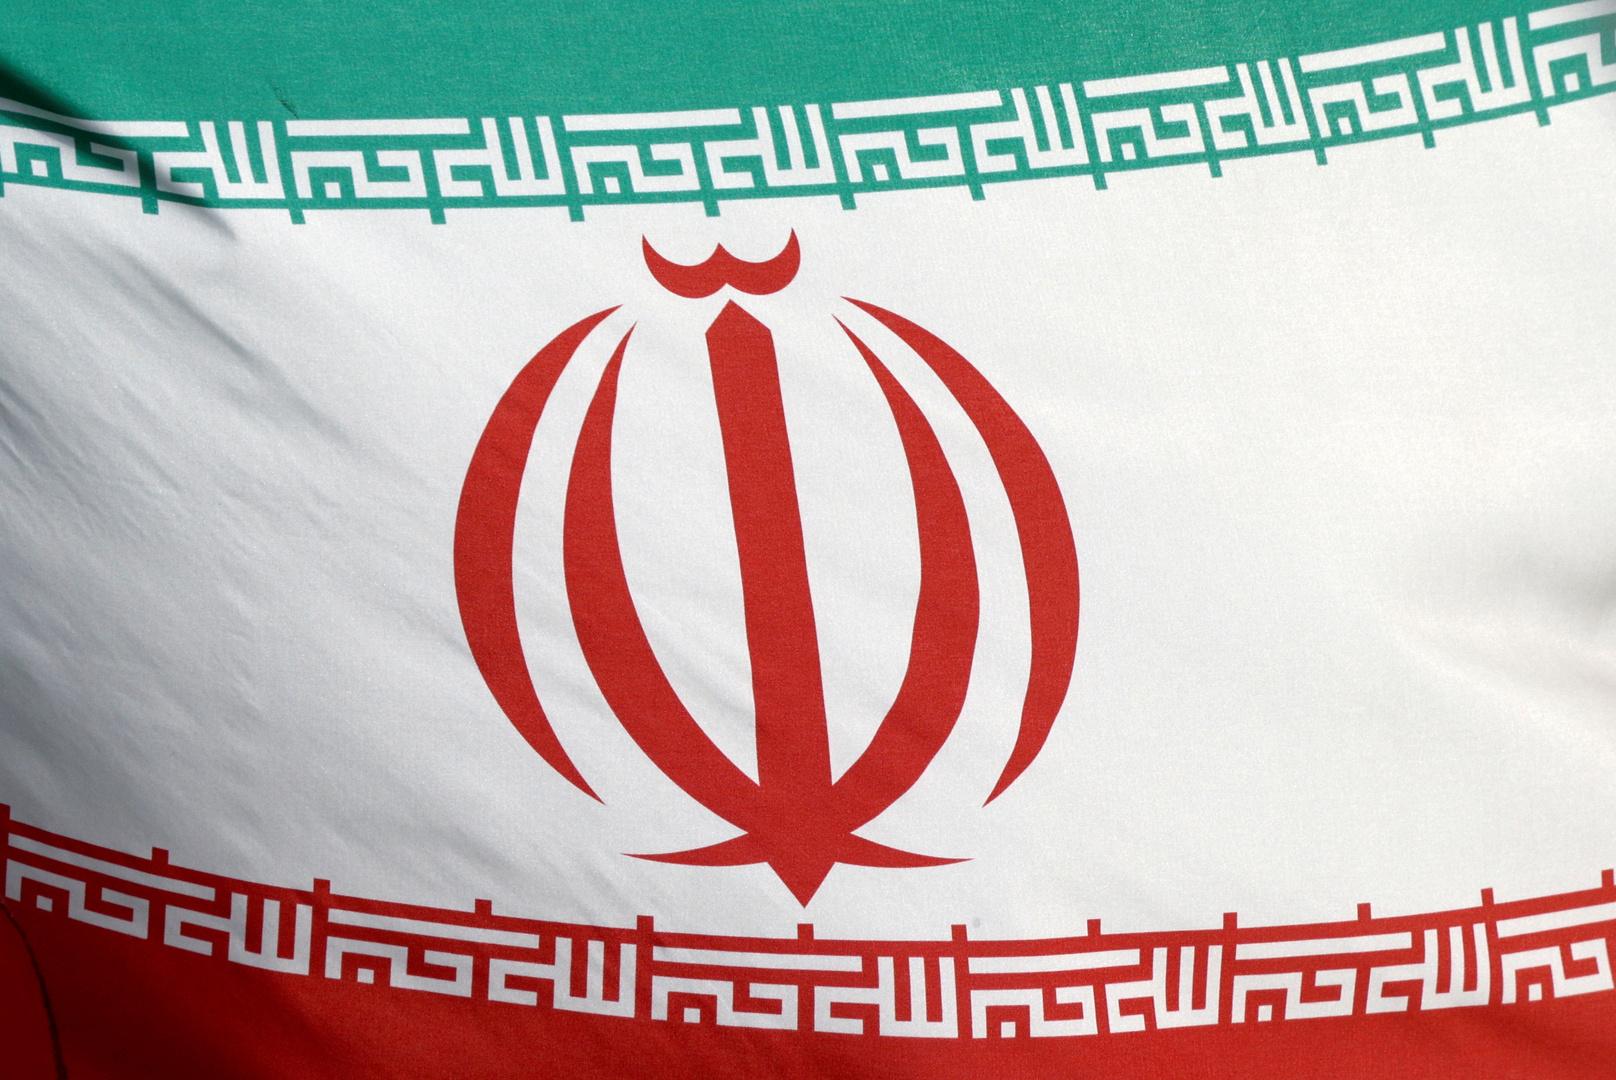 إيران: سنفرض عقوبات على الاتحاد الأوروبي سنعلن عنها لاحقا ردا على إجراءاته